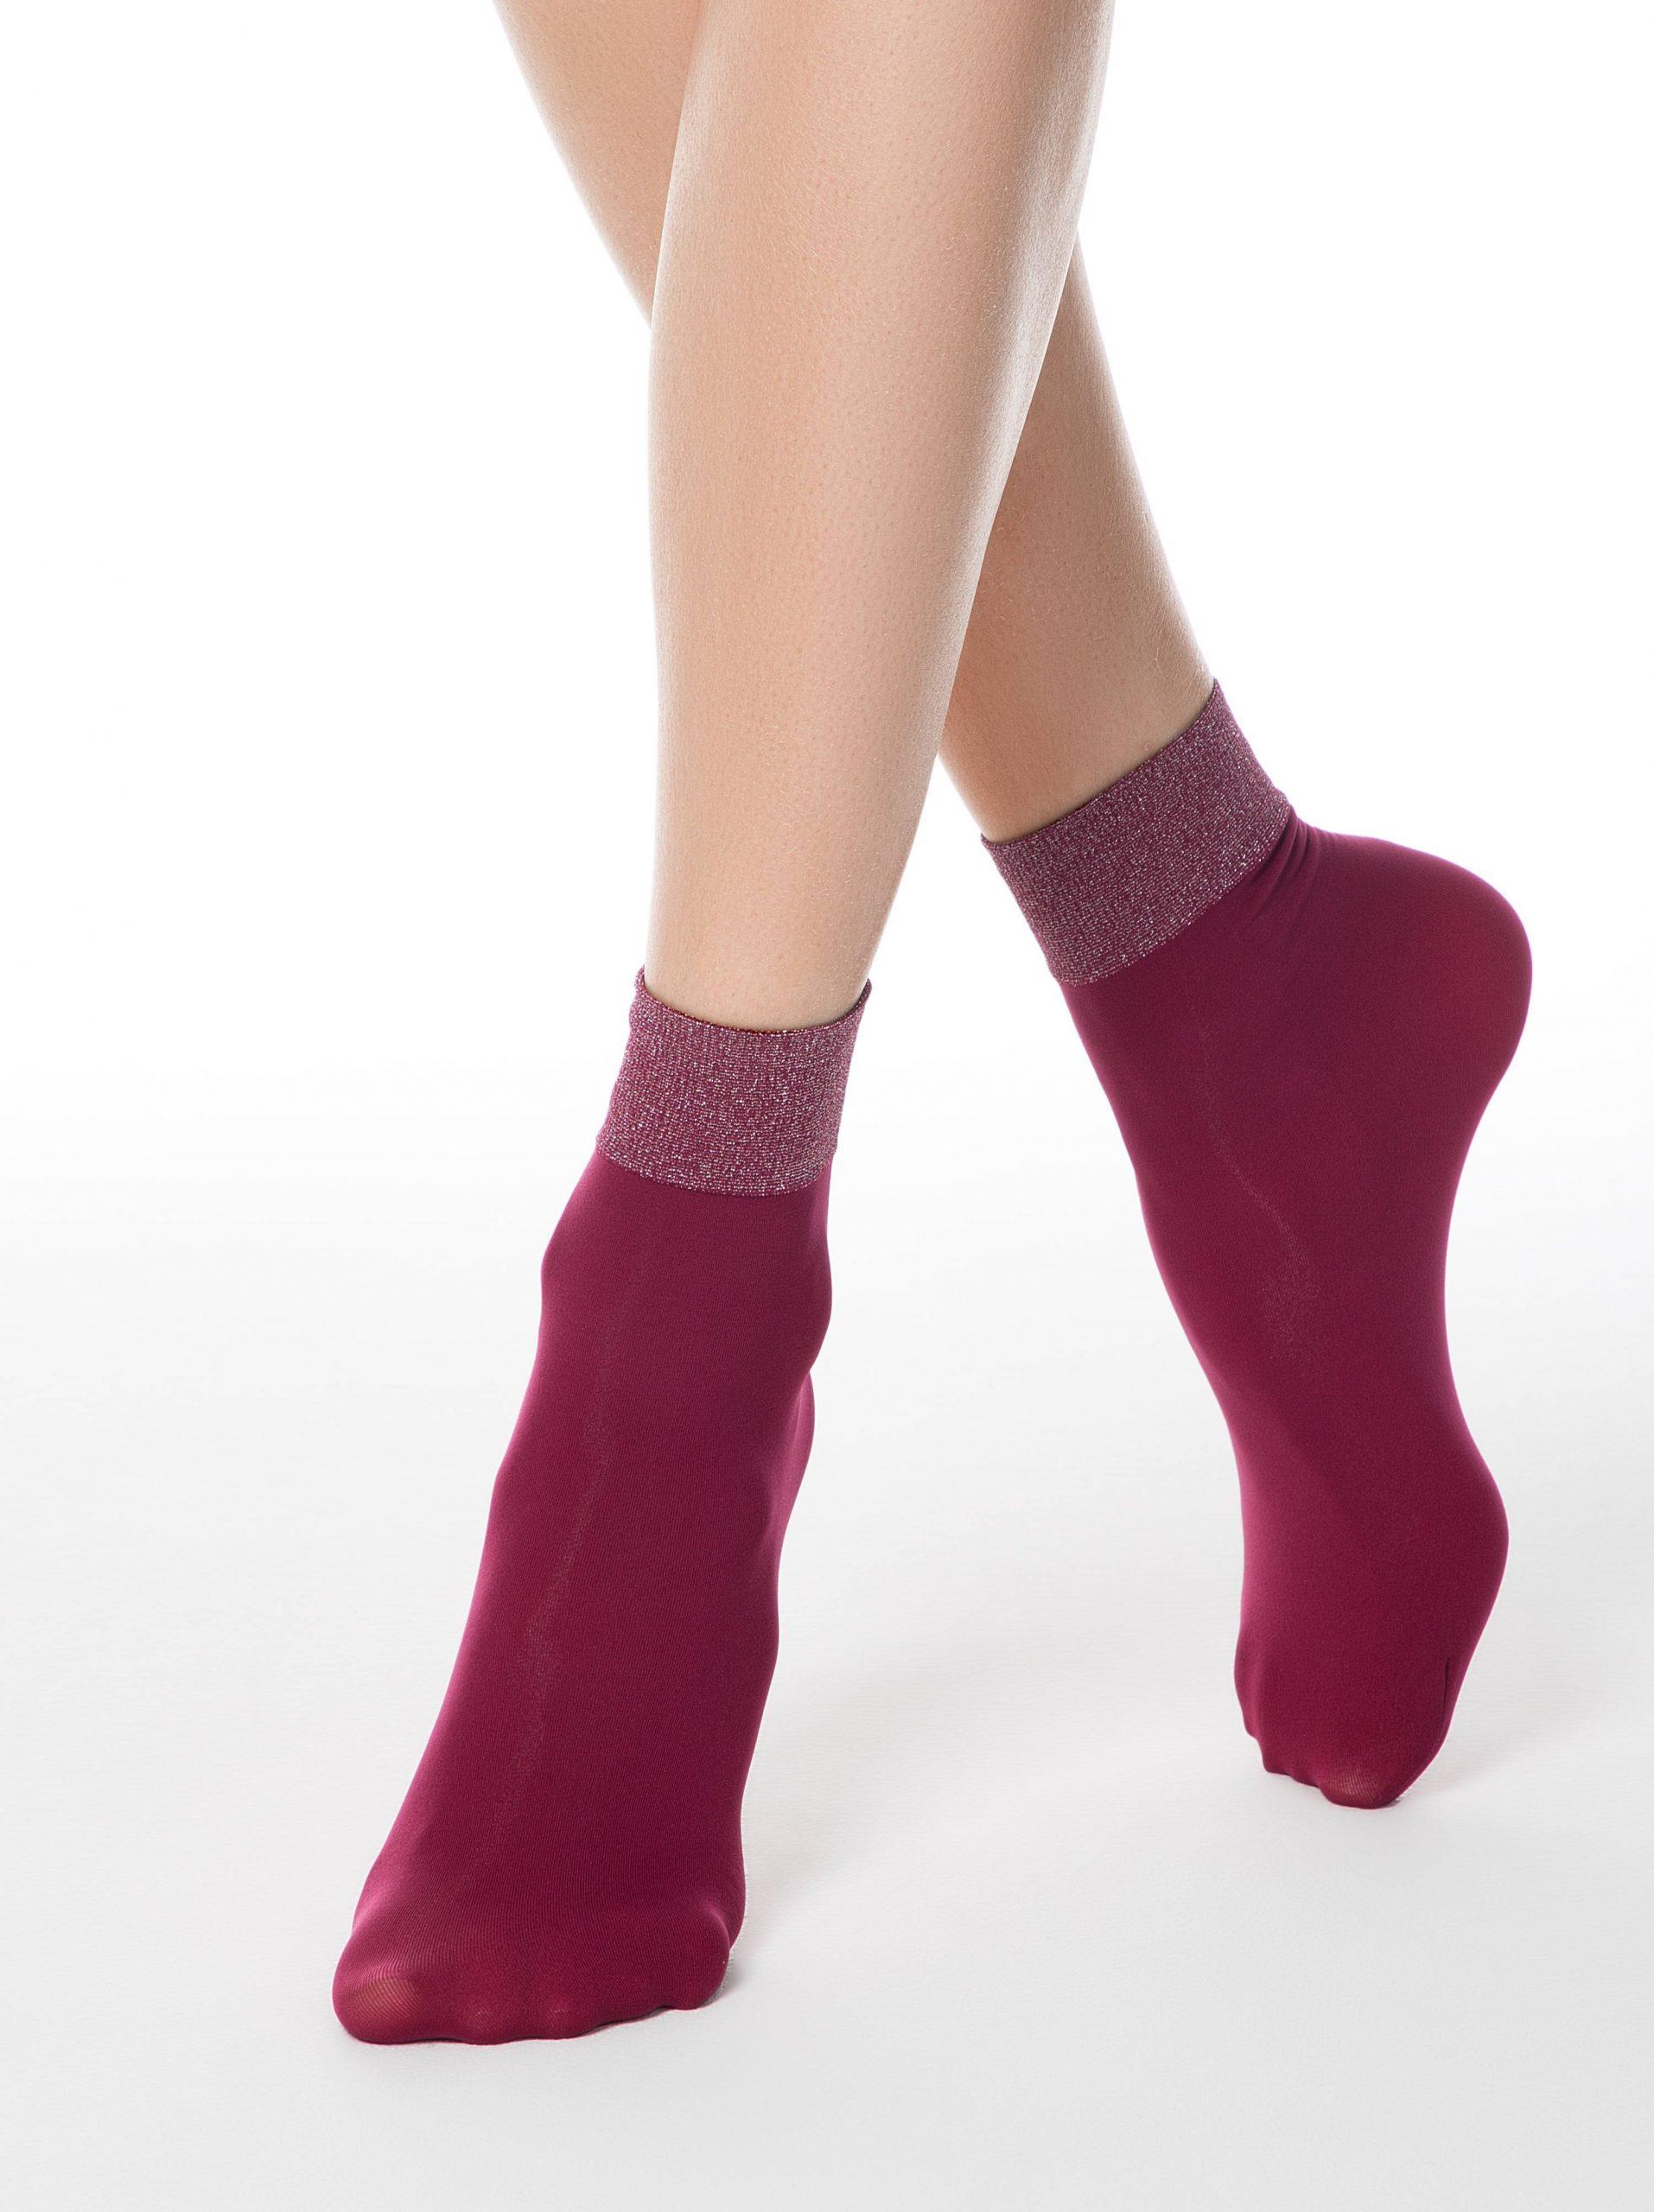 Носки полиамидные женские ⭐️ Носки с широкой резинкой FANTASY с люрексом ⭐️